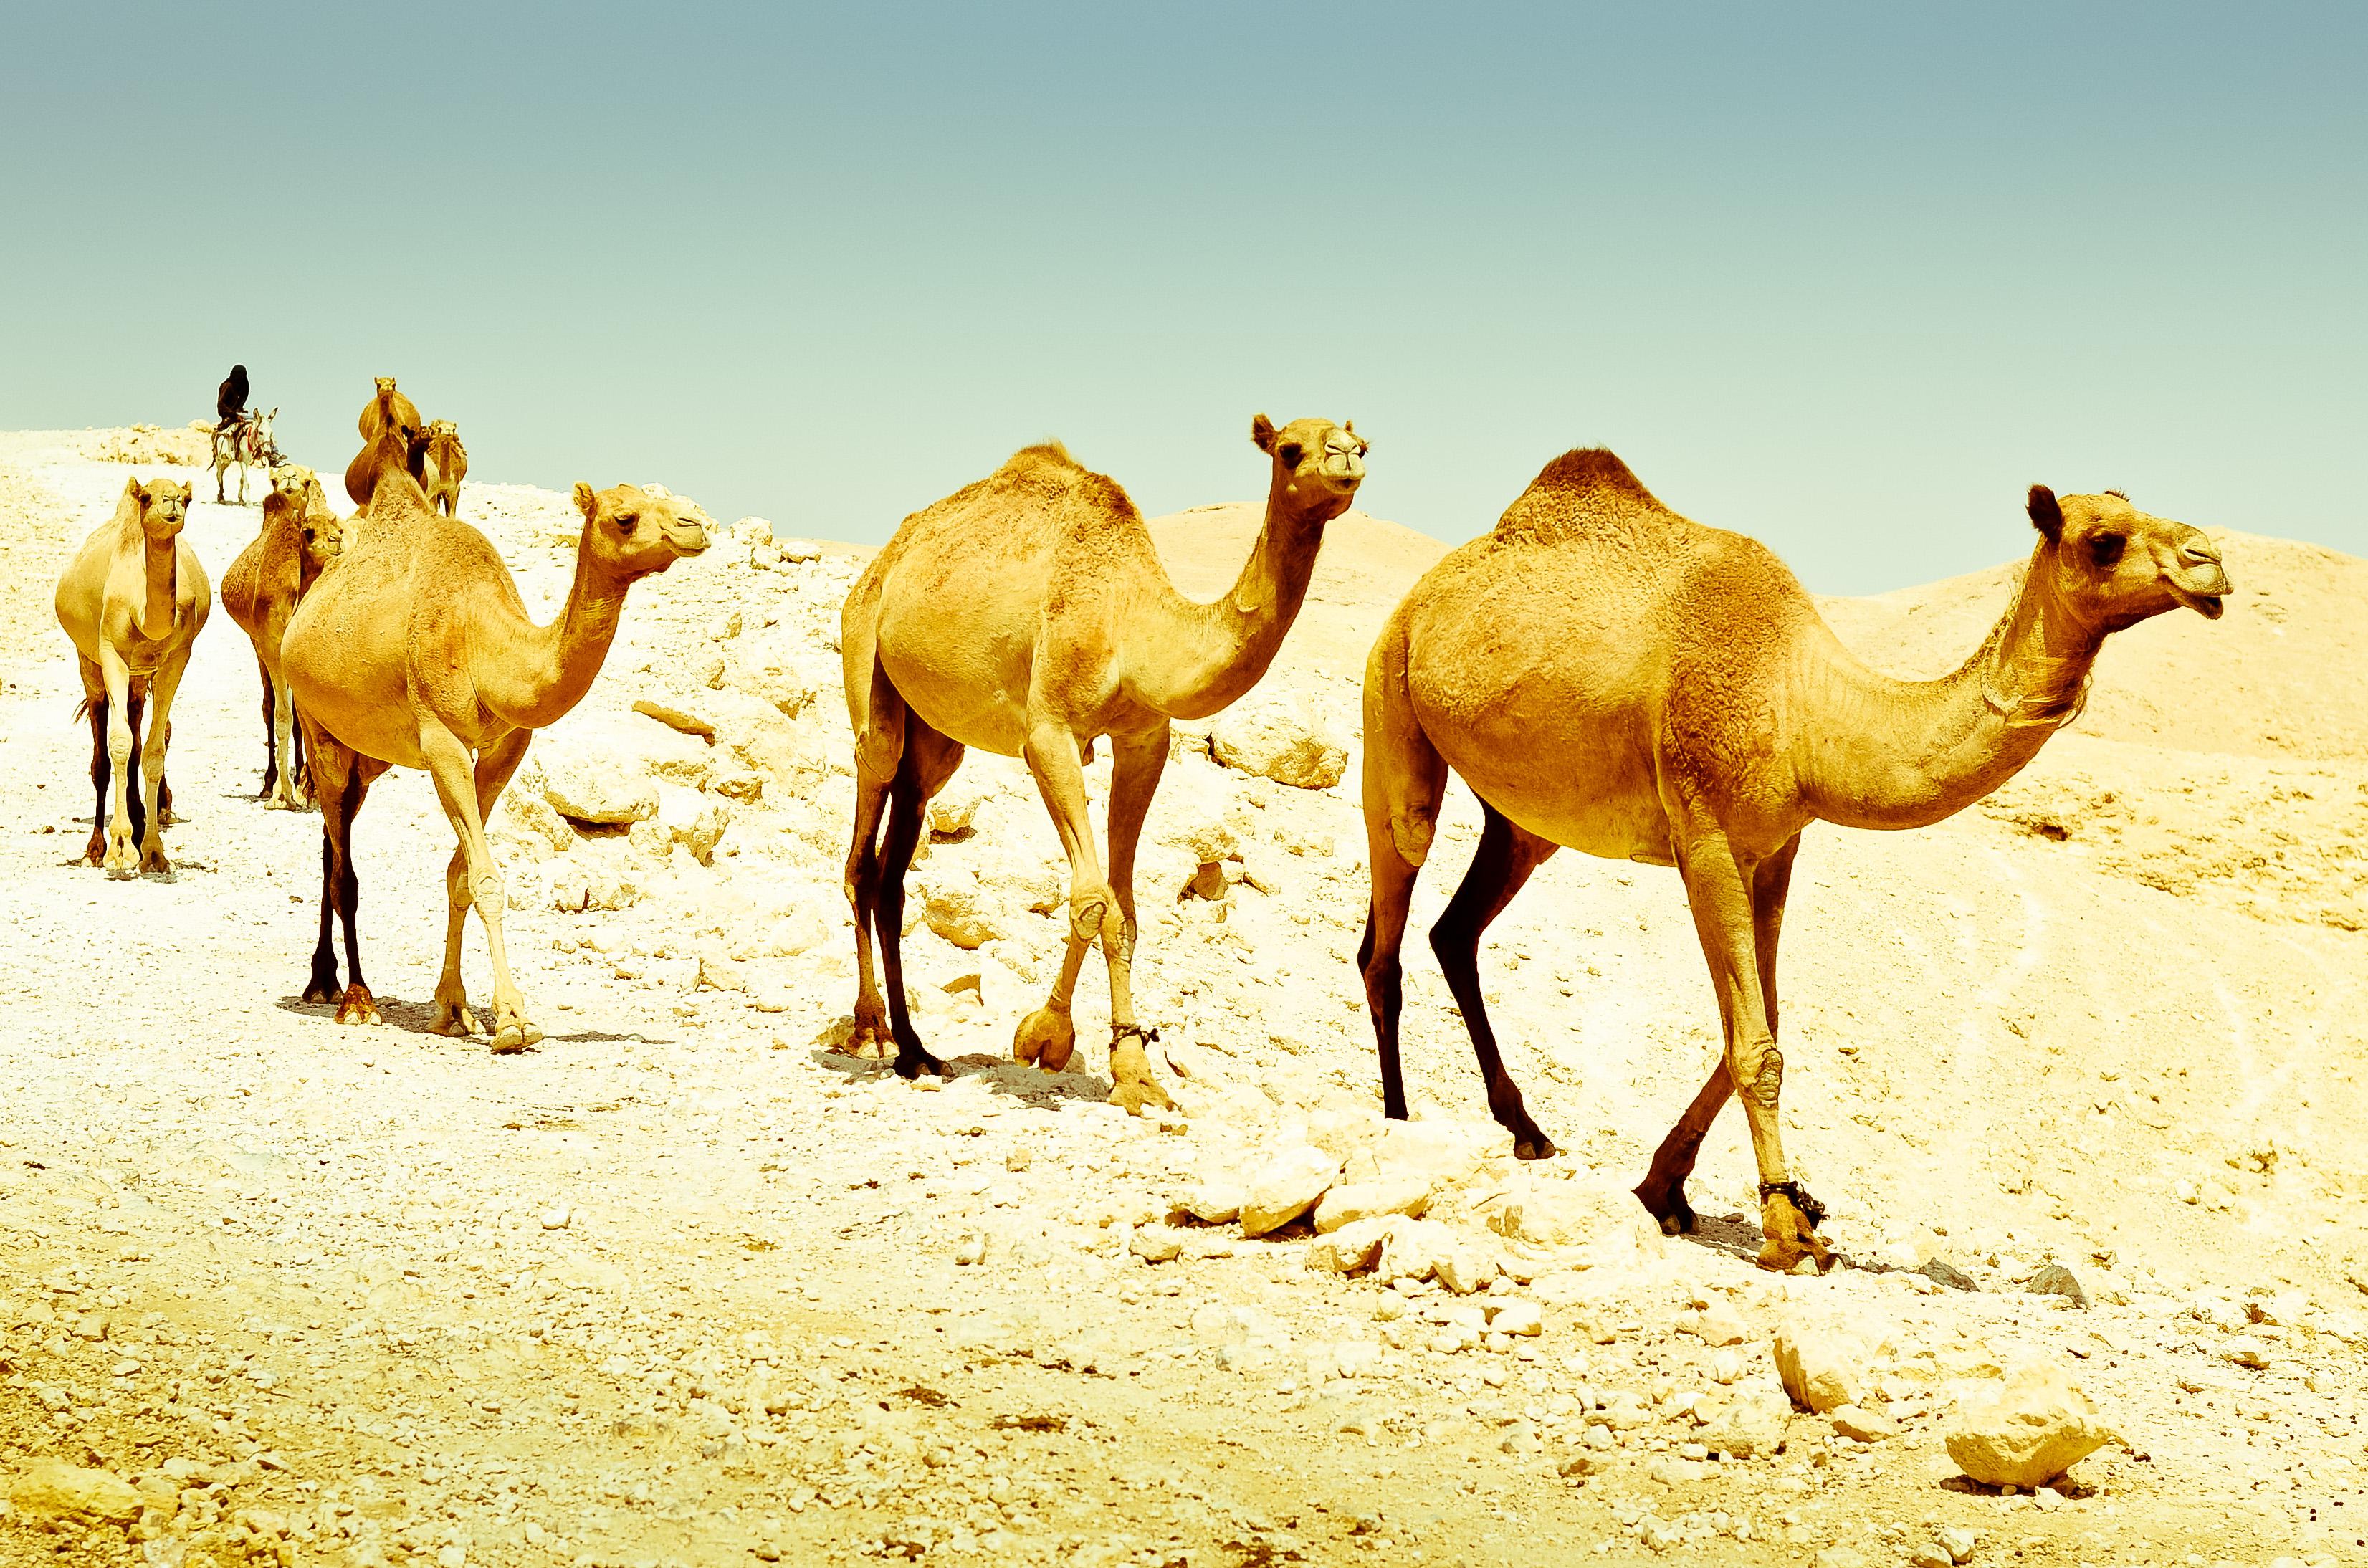 is a camel a mammal pdf